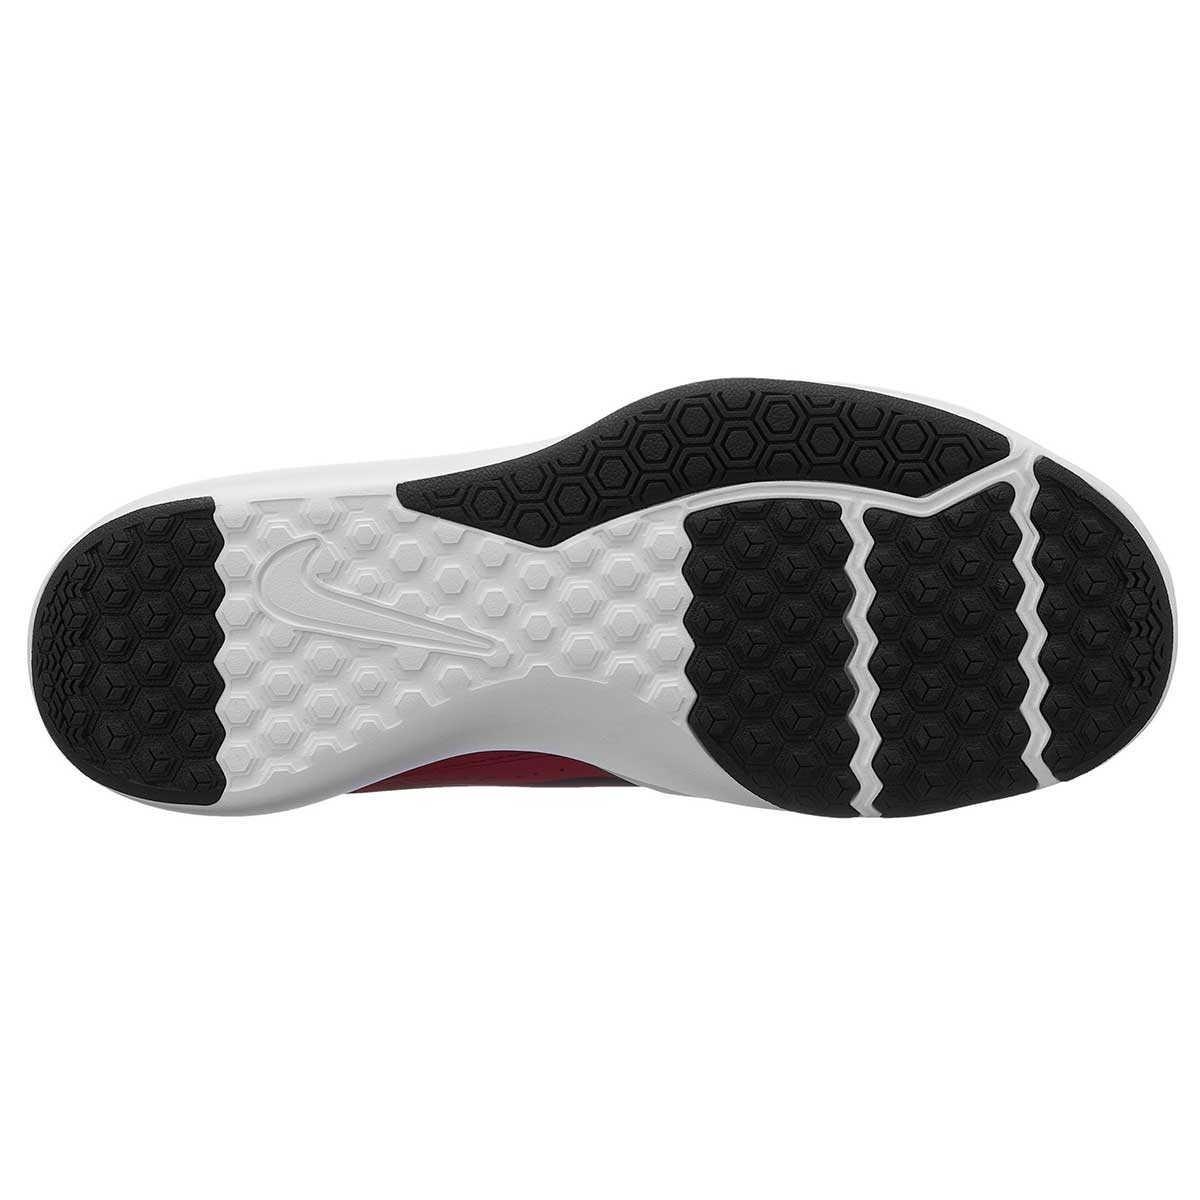 1c6adbf65c9 Tenis Para Deporte De Hombre Nike Originales 924206-600 Dgt ...